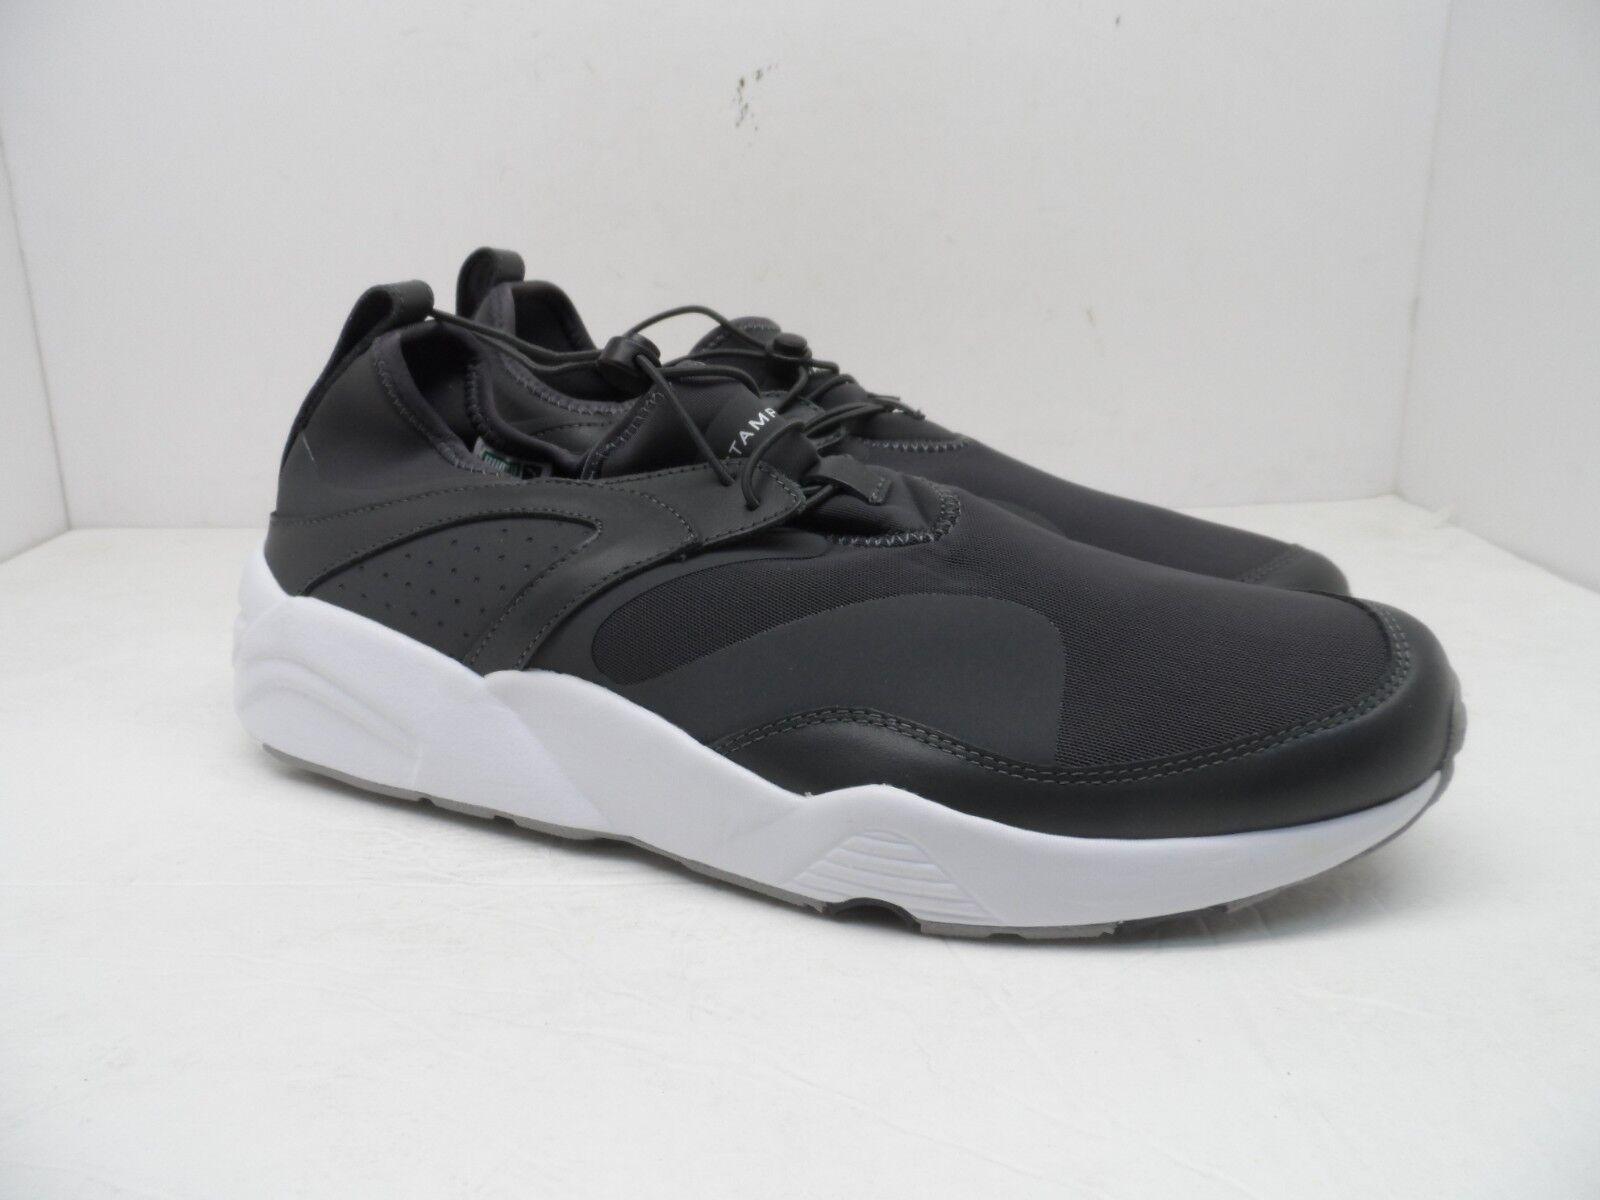 best service 087e5 9676d PUMA X STAMPD Men s BLAZE OF GLORY NU Casual Athletic shoes ASPHALT WHITE  12M